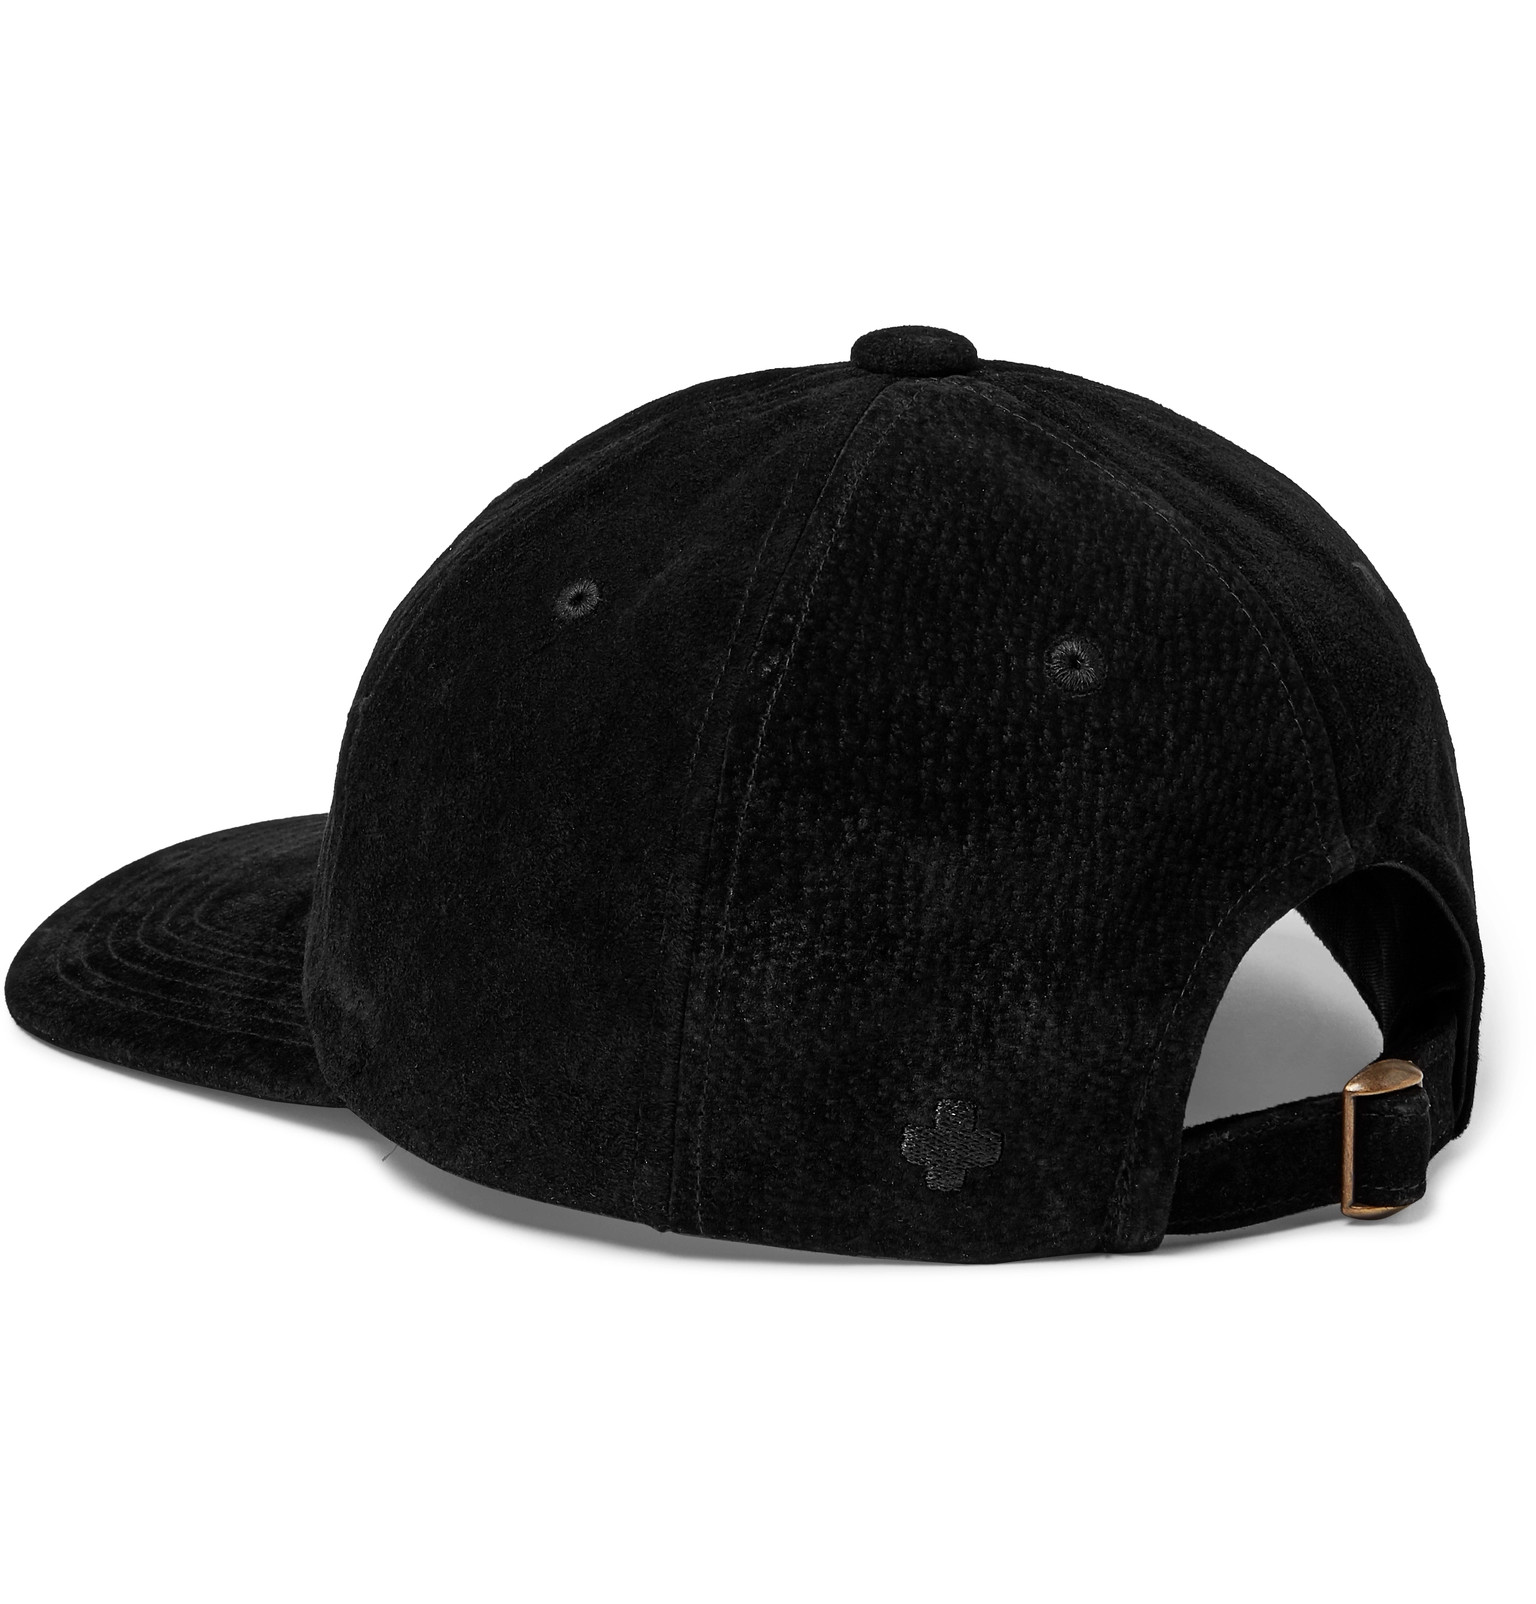 Beams Plus - Suede Baseball Cap d058620b2448